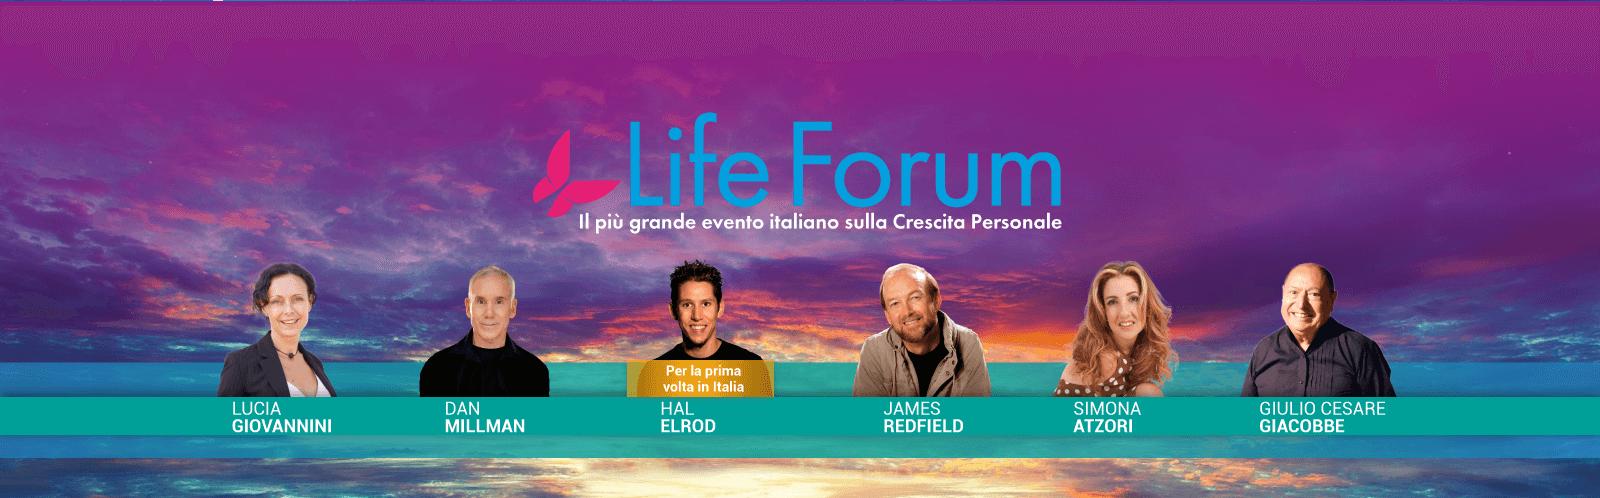 Life Forum, il più grande evento sulla Crescita Personale